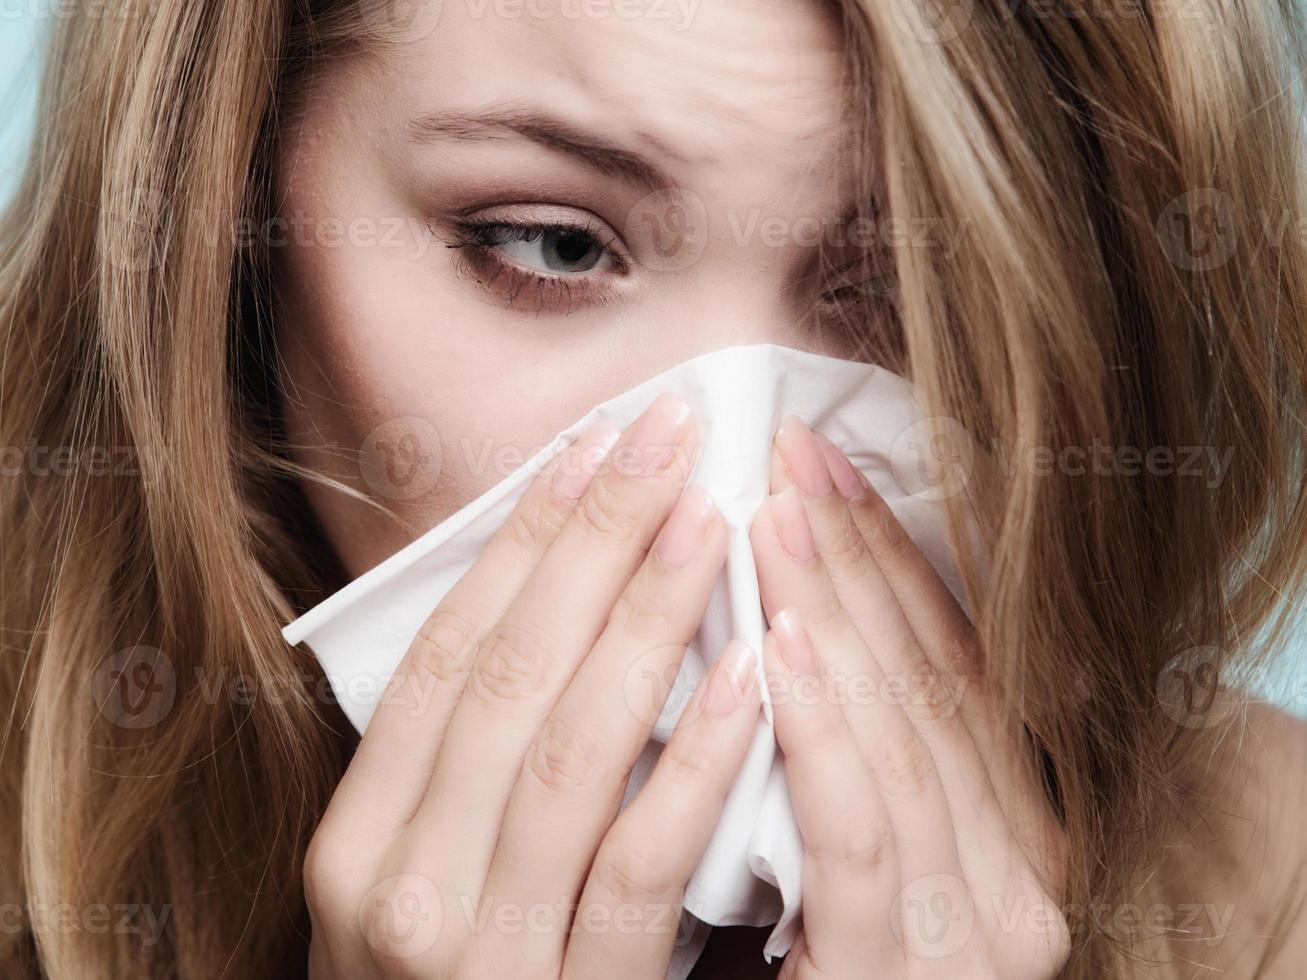 Grippe-Allergie. krankes Mädchen, das im Gewebe niest. Gesundheit foto